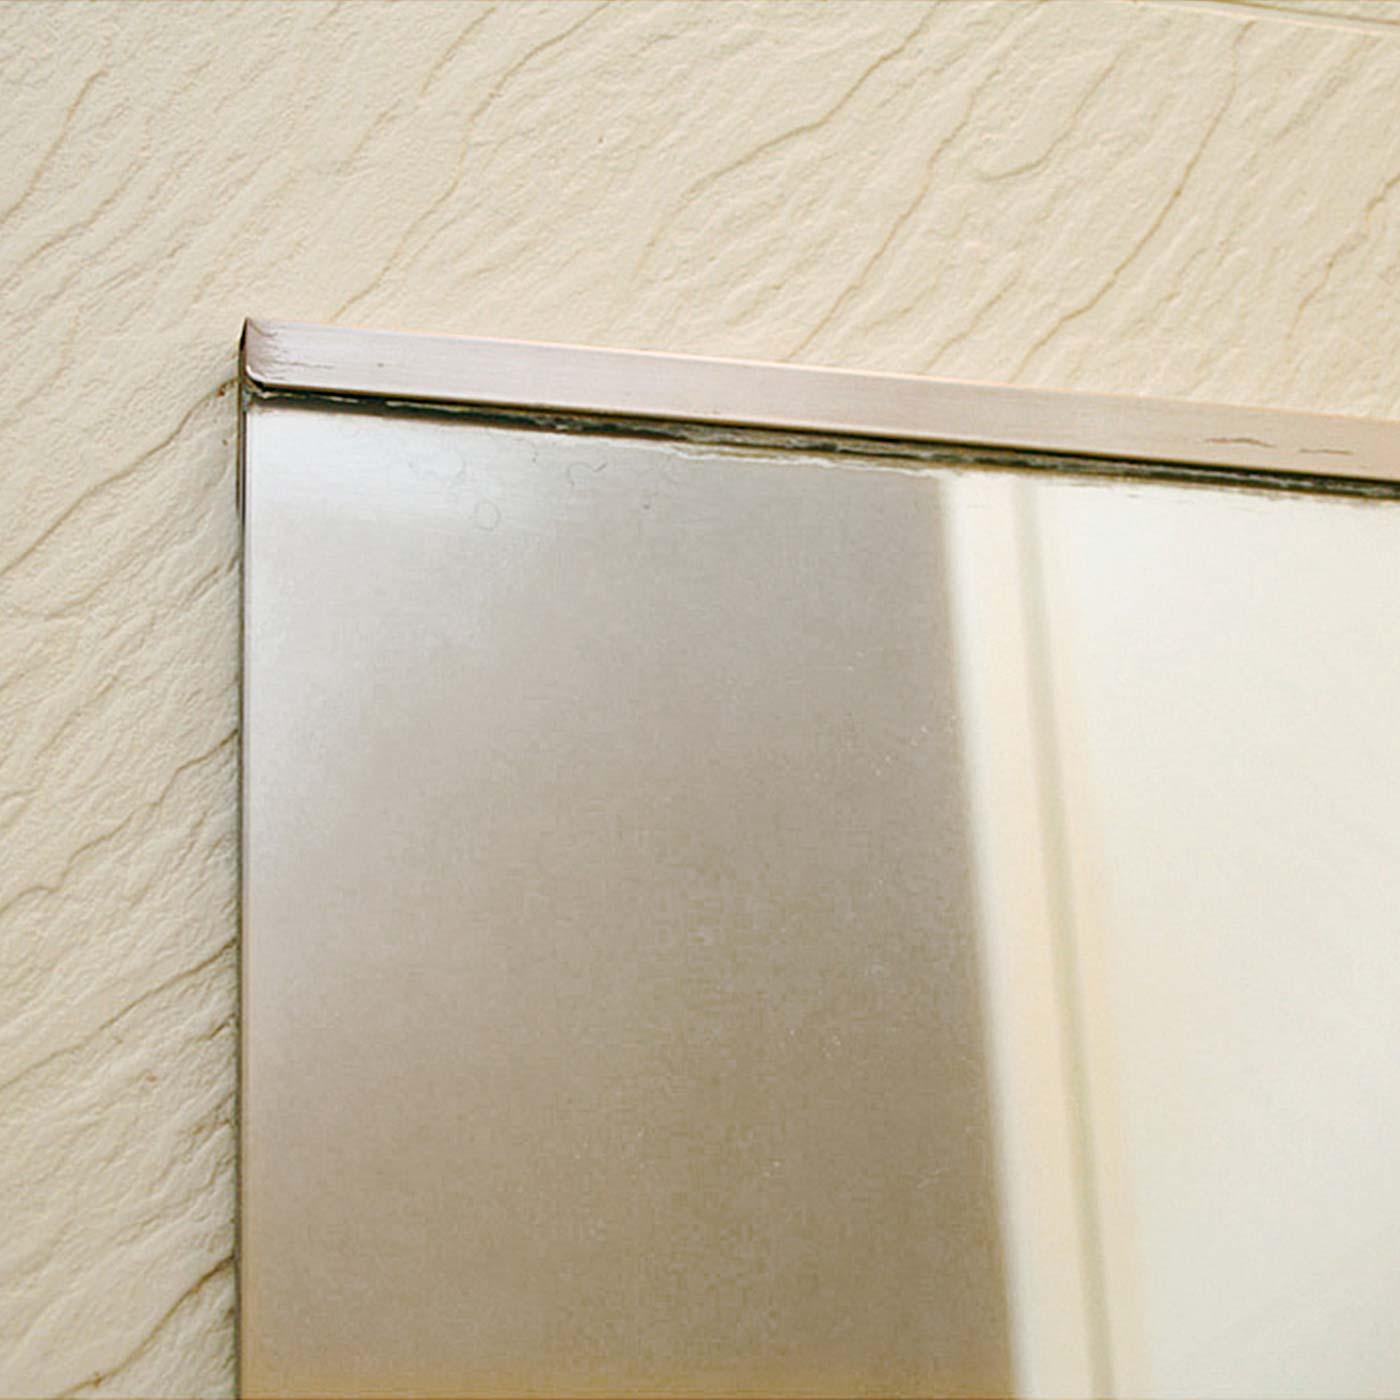 浴室の鏡に付いている白いうろこ状の汚れもこの通り。 ※使用状況により効果は異なります。